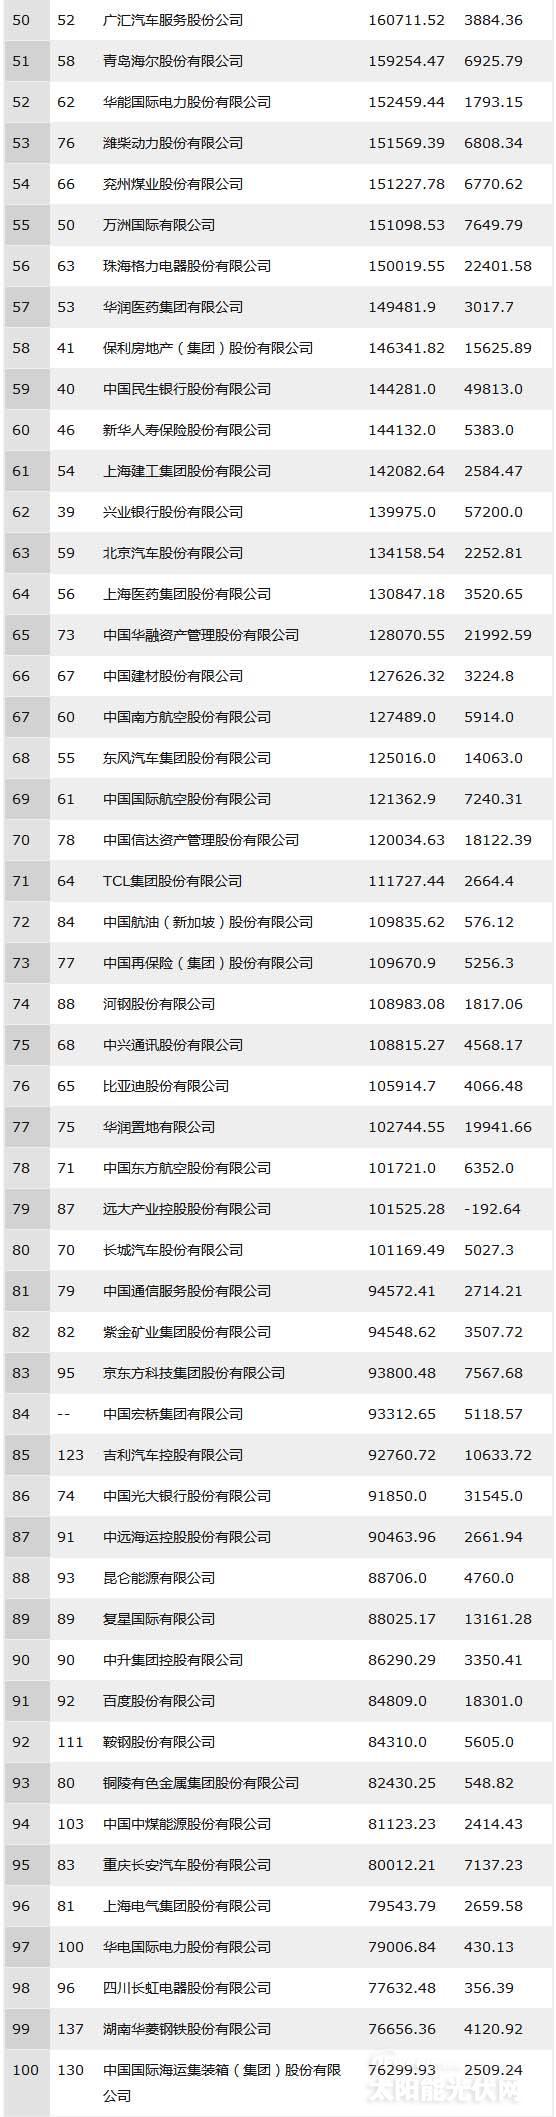 2018年中国500强排行榜出炉:33家光伏企业上榜!